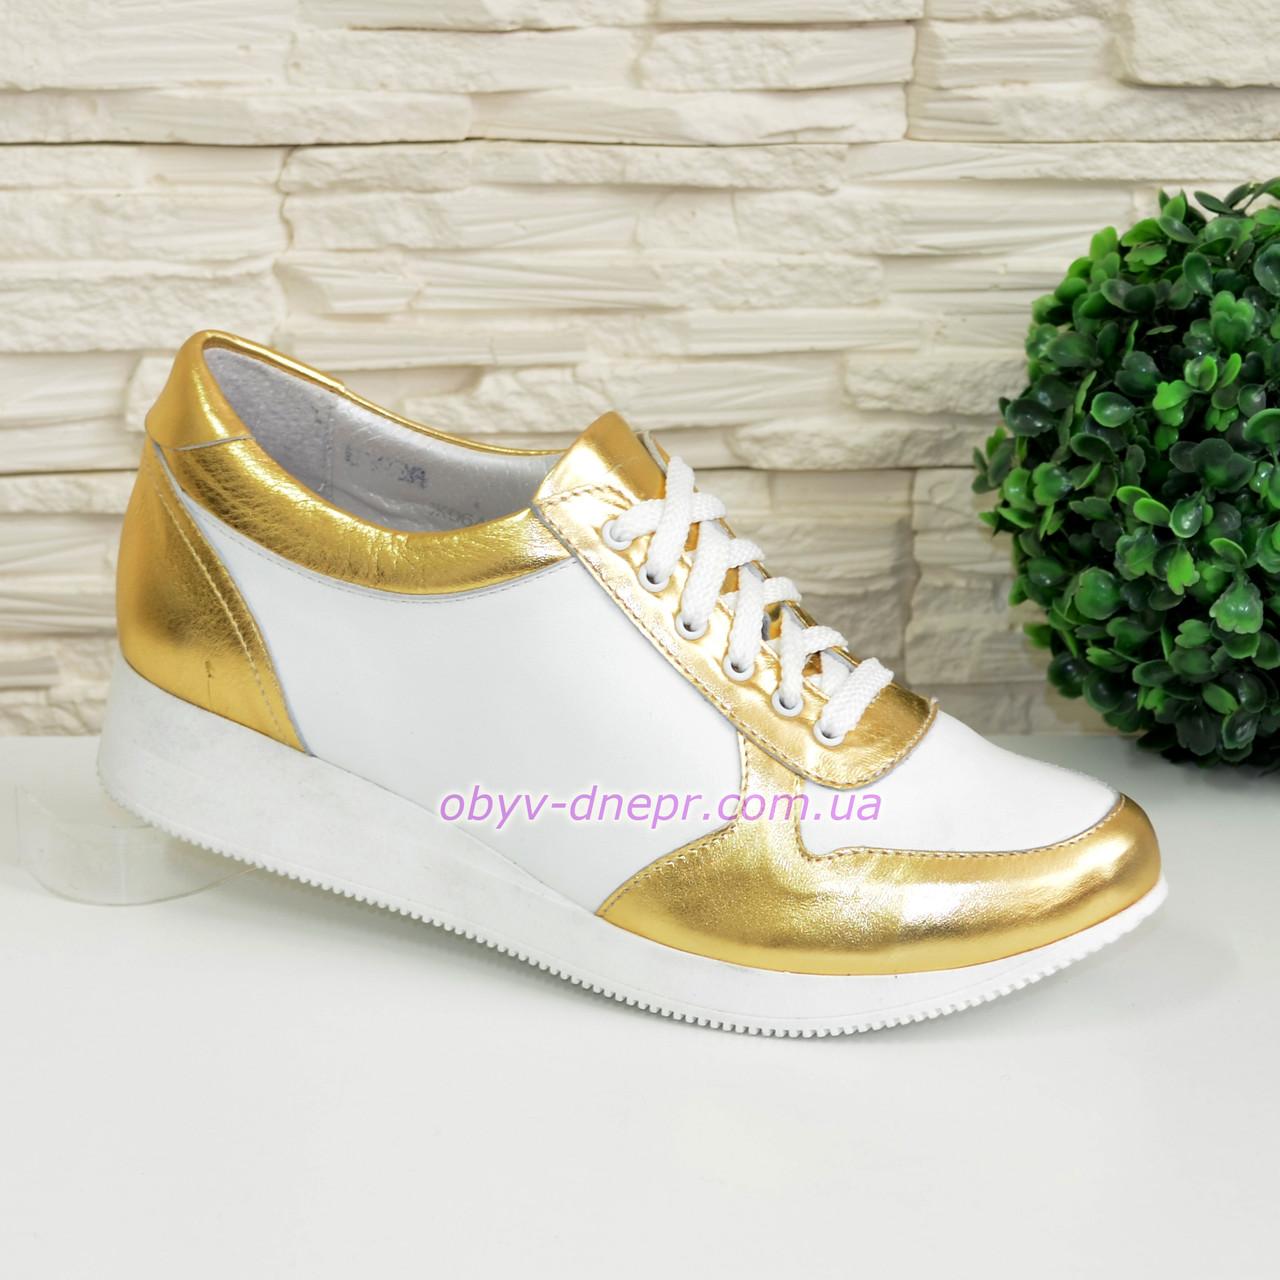 Стильные кроссовки женские на шнуровке, цвет золото белый  продажа ... 1b1d027dfbc